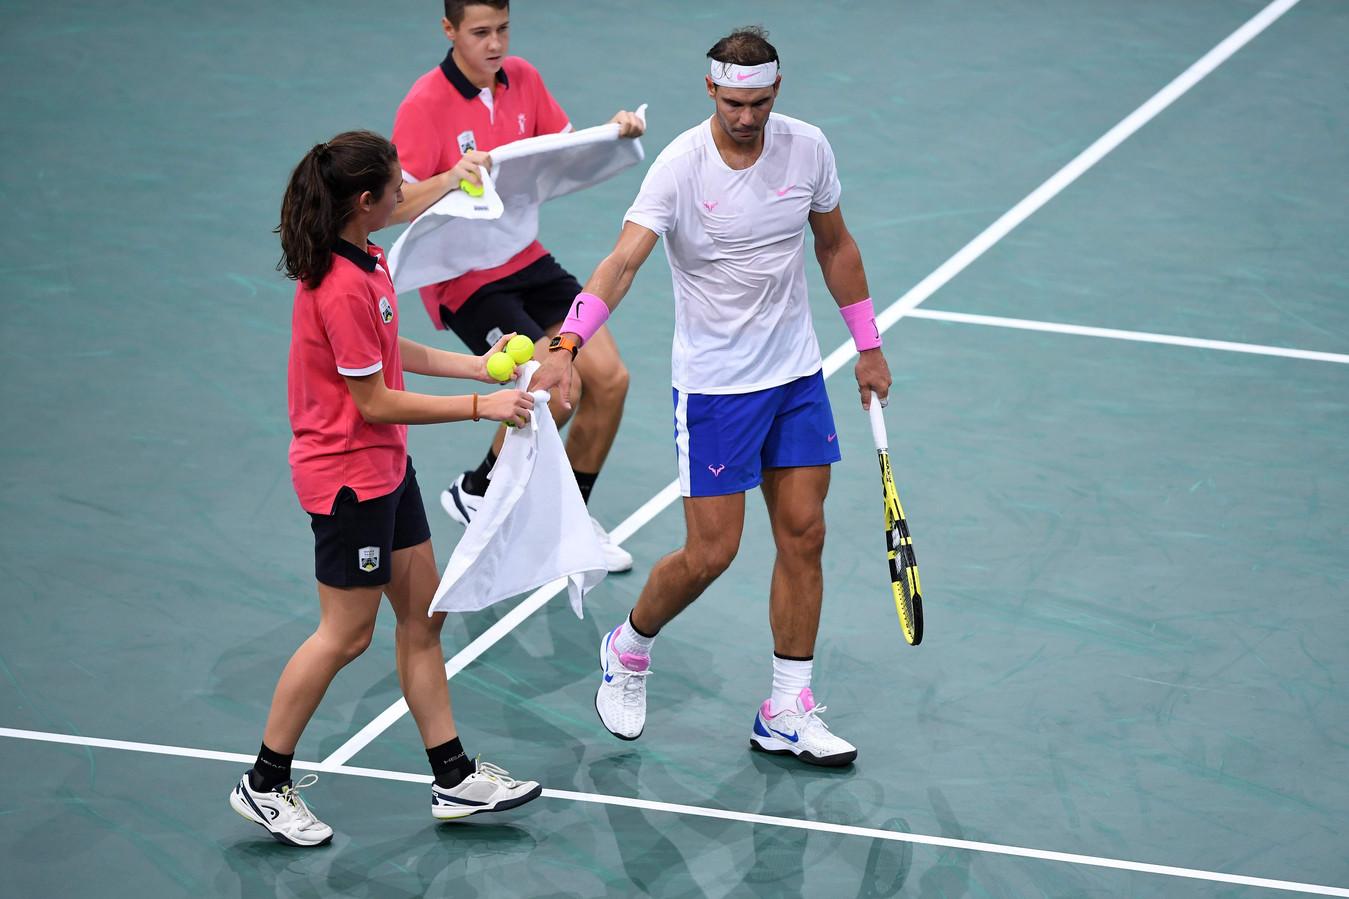 Rafael Nadal krijgt een nieuwe handdoek tijdens het ATP-toernooi van Parijs, vorige week. Tijdens de Next Gen ATP Finals moeten spelers hun handdoek na gebruik zelf in een rek hangen.